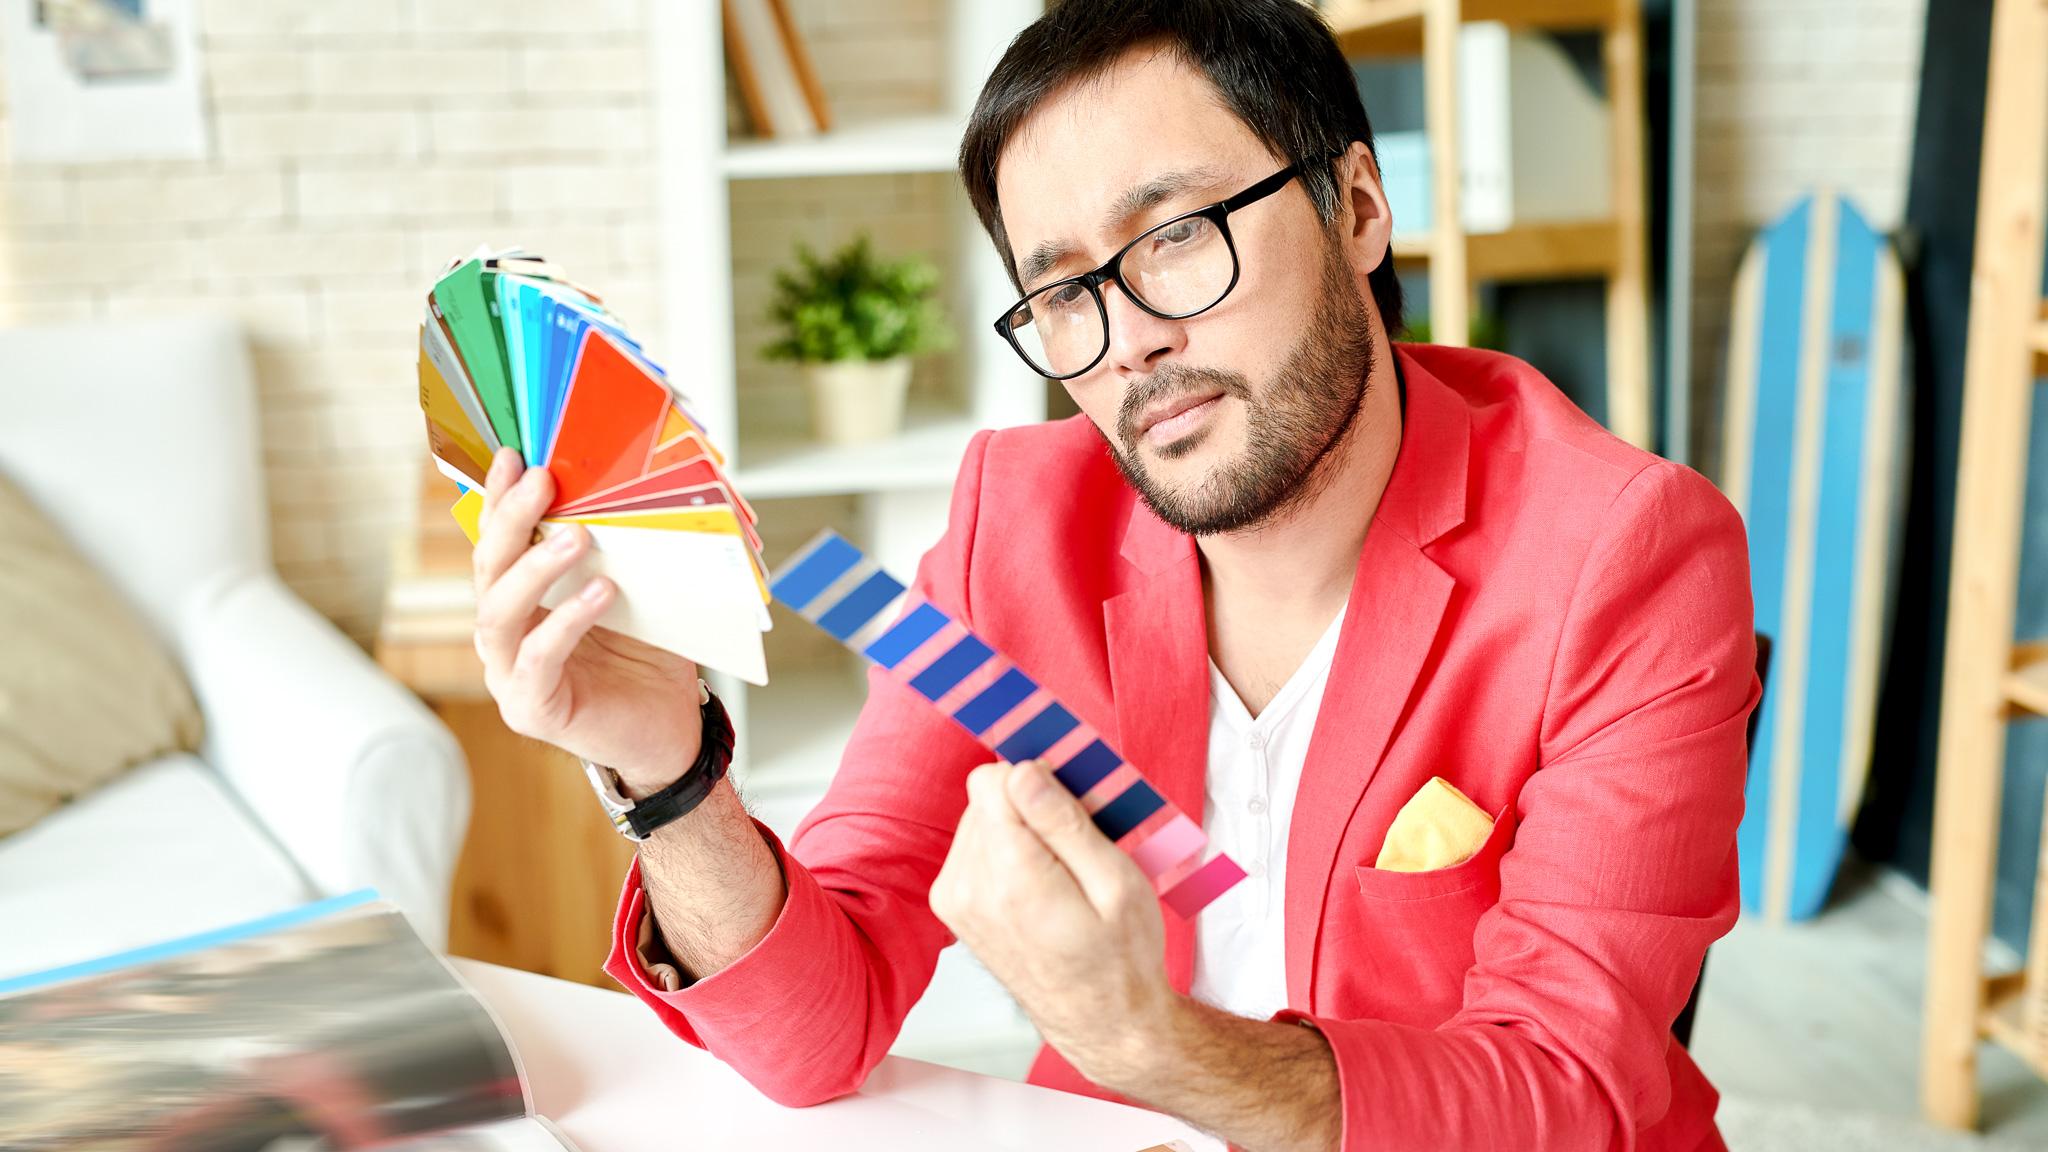 Kolory jako broń poprawiająca produktywność w biurze! Eurostat MEDIARUN facet kolory wybor 2020 v1